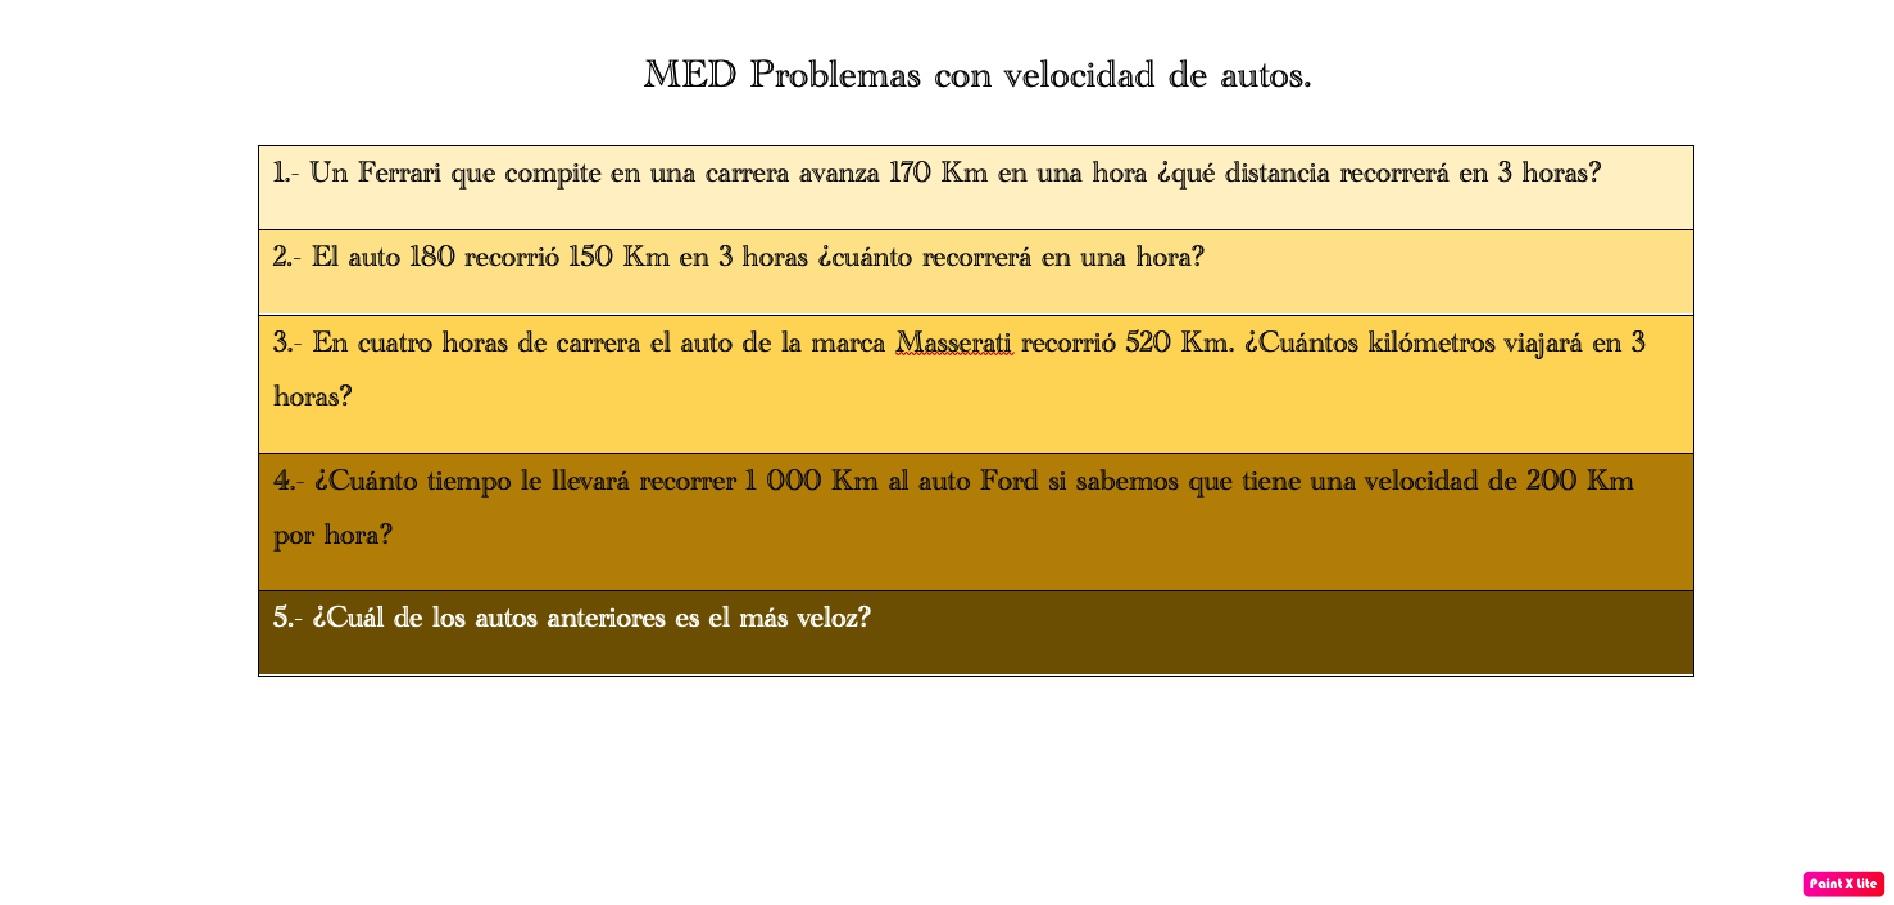 Problemas+con+velocidad+de+autos.jpg